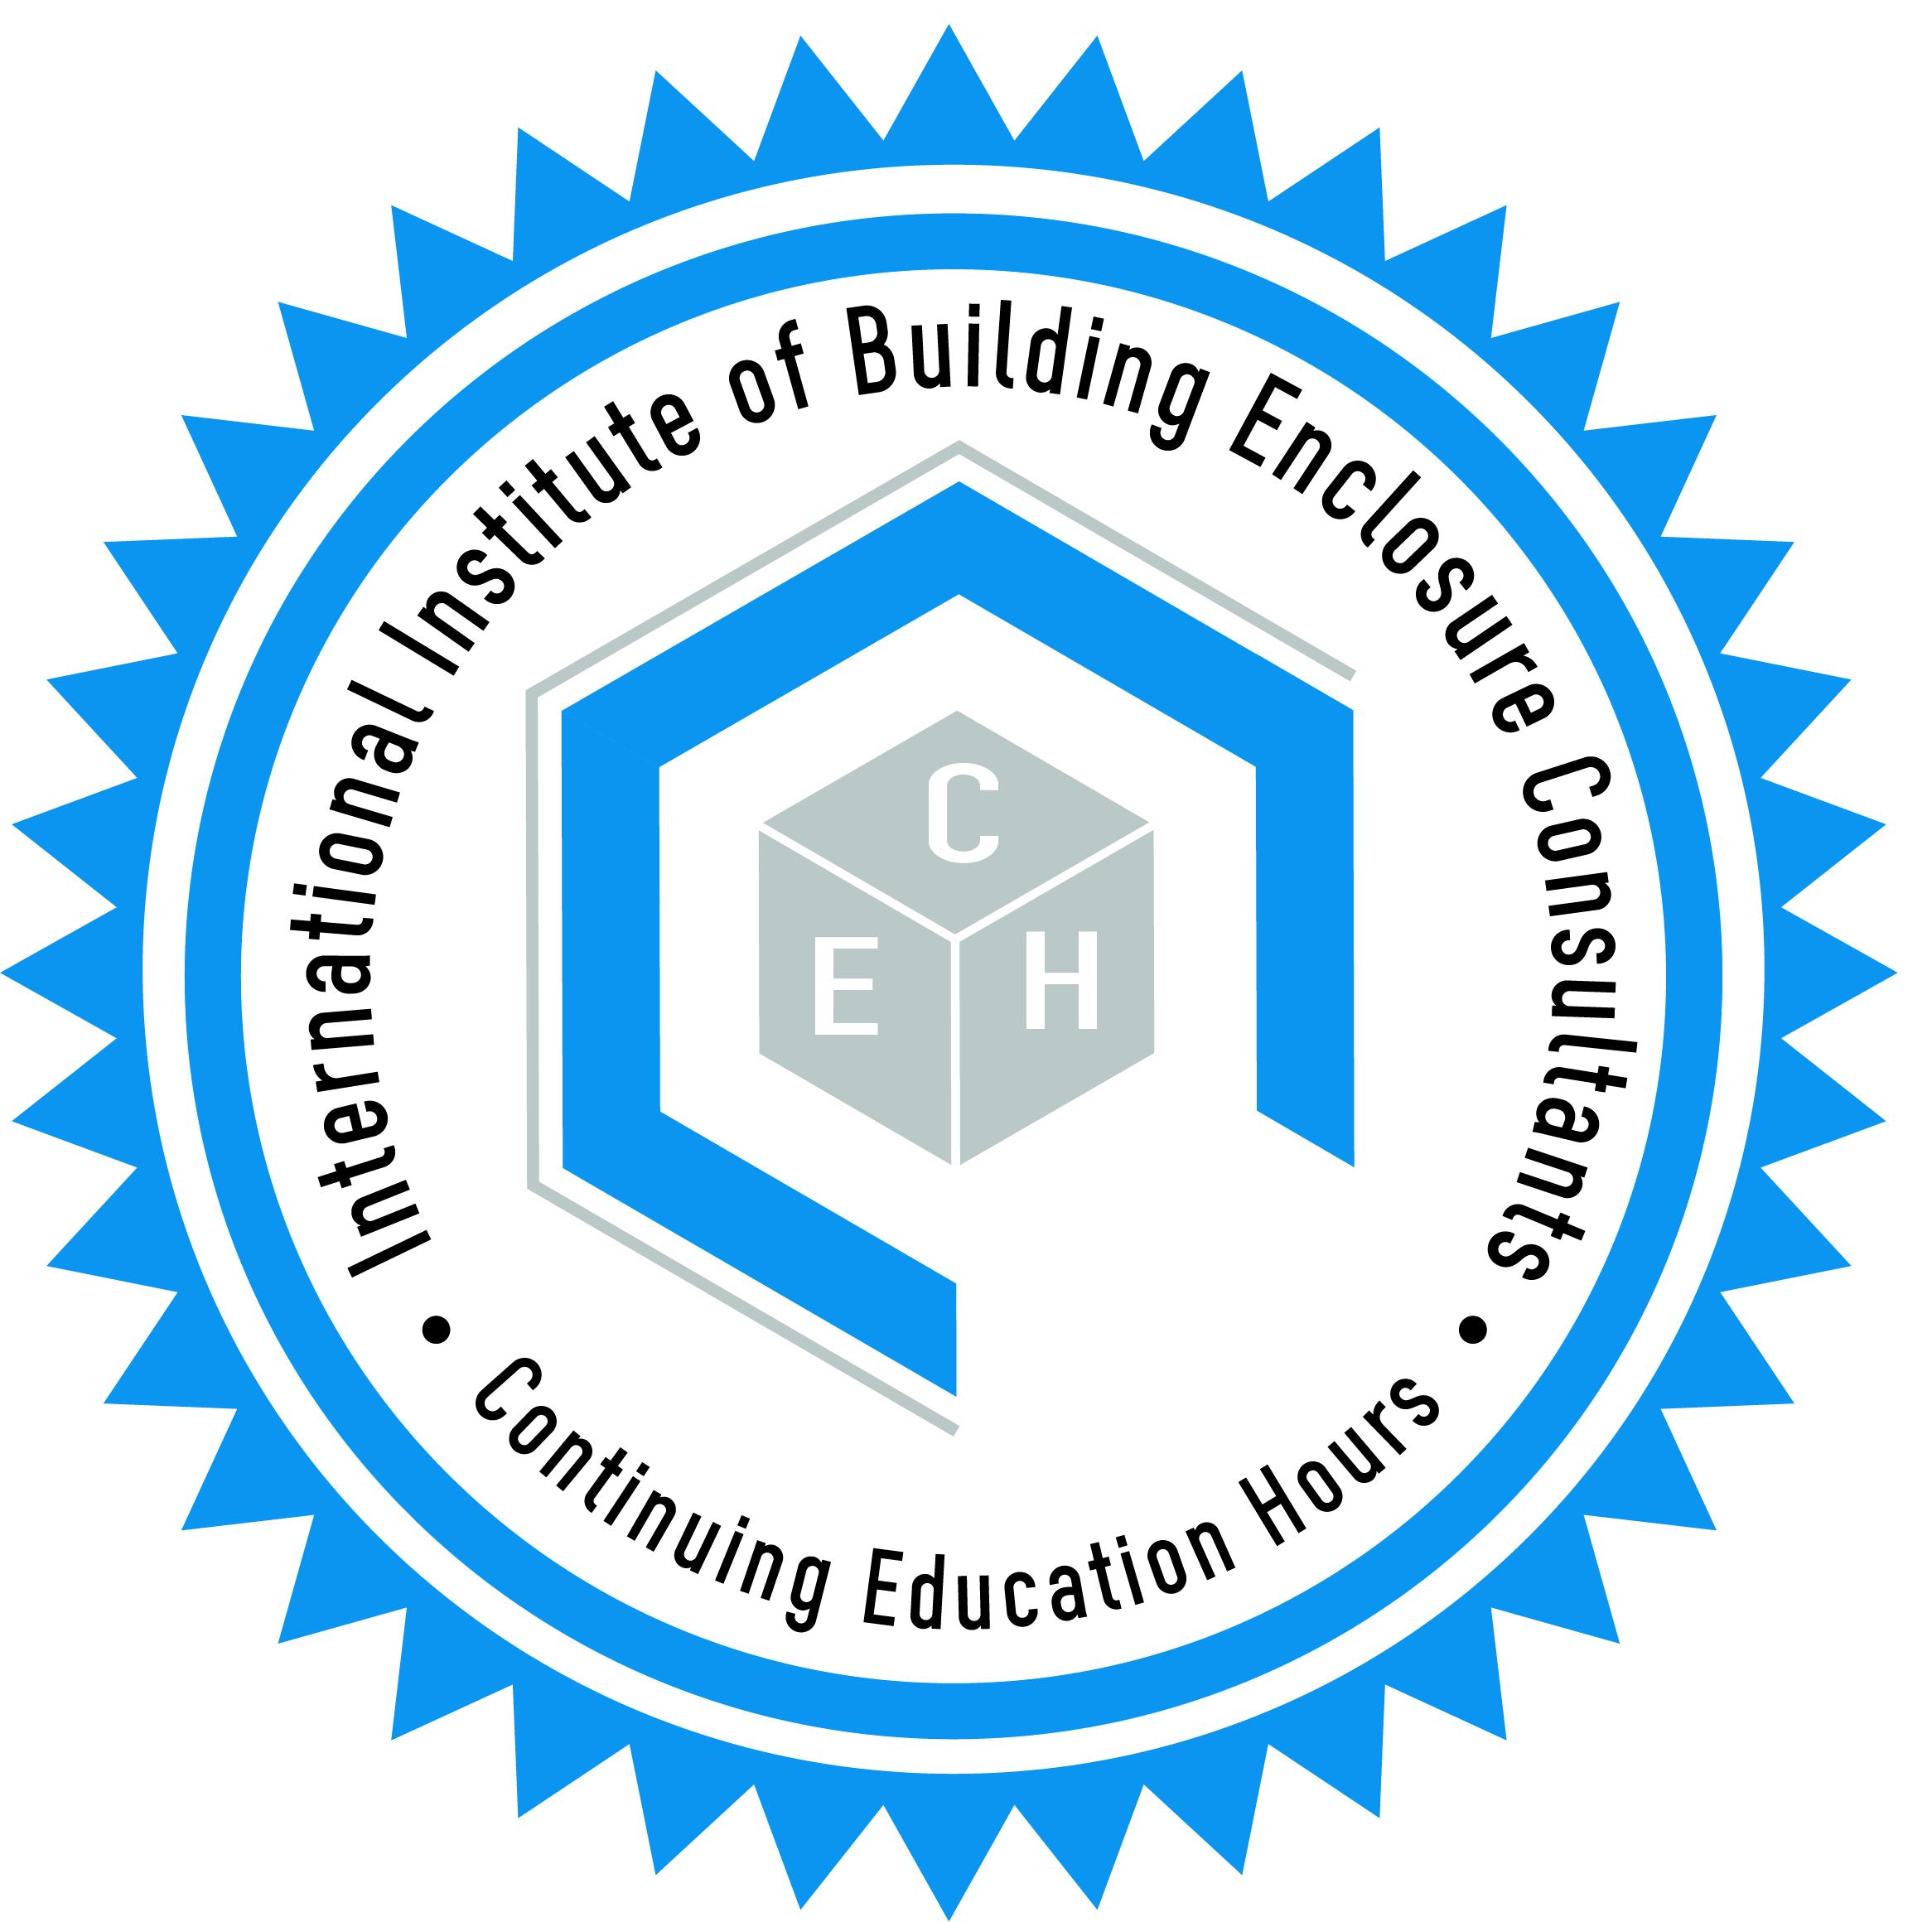 International Institute of Building Enclosure Consultants (IIBEC)